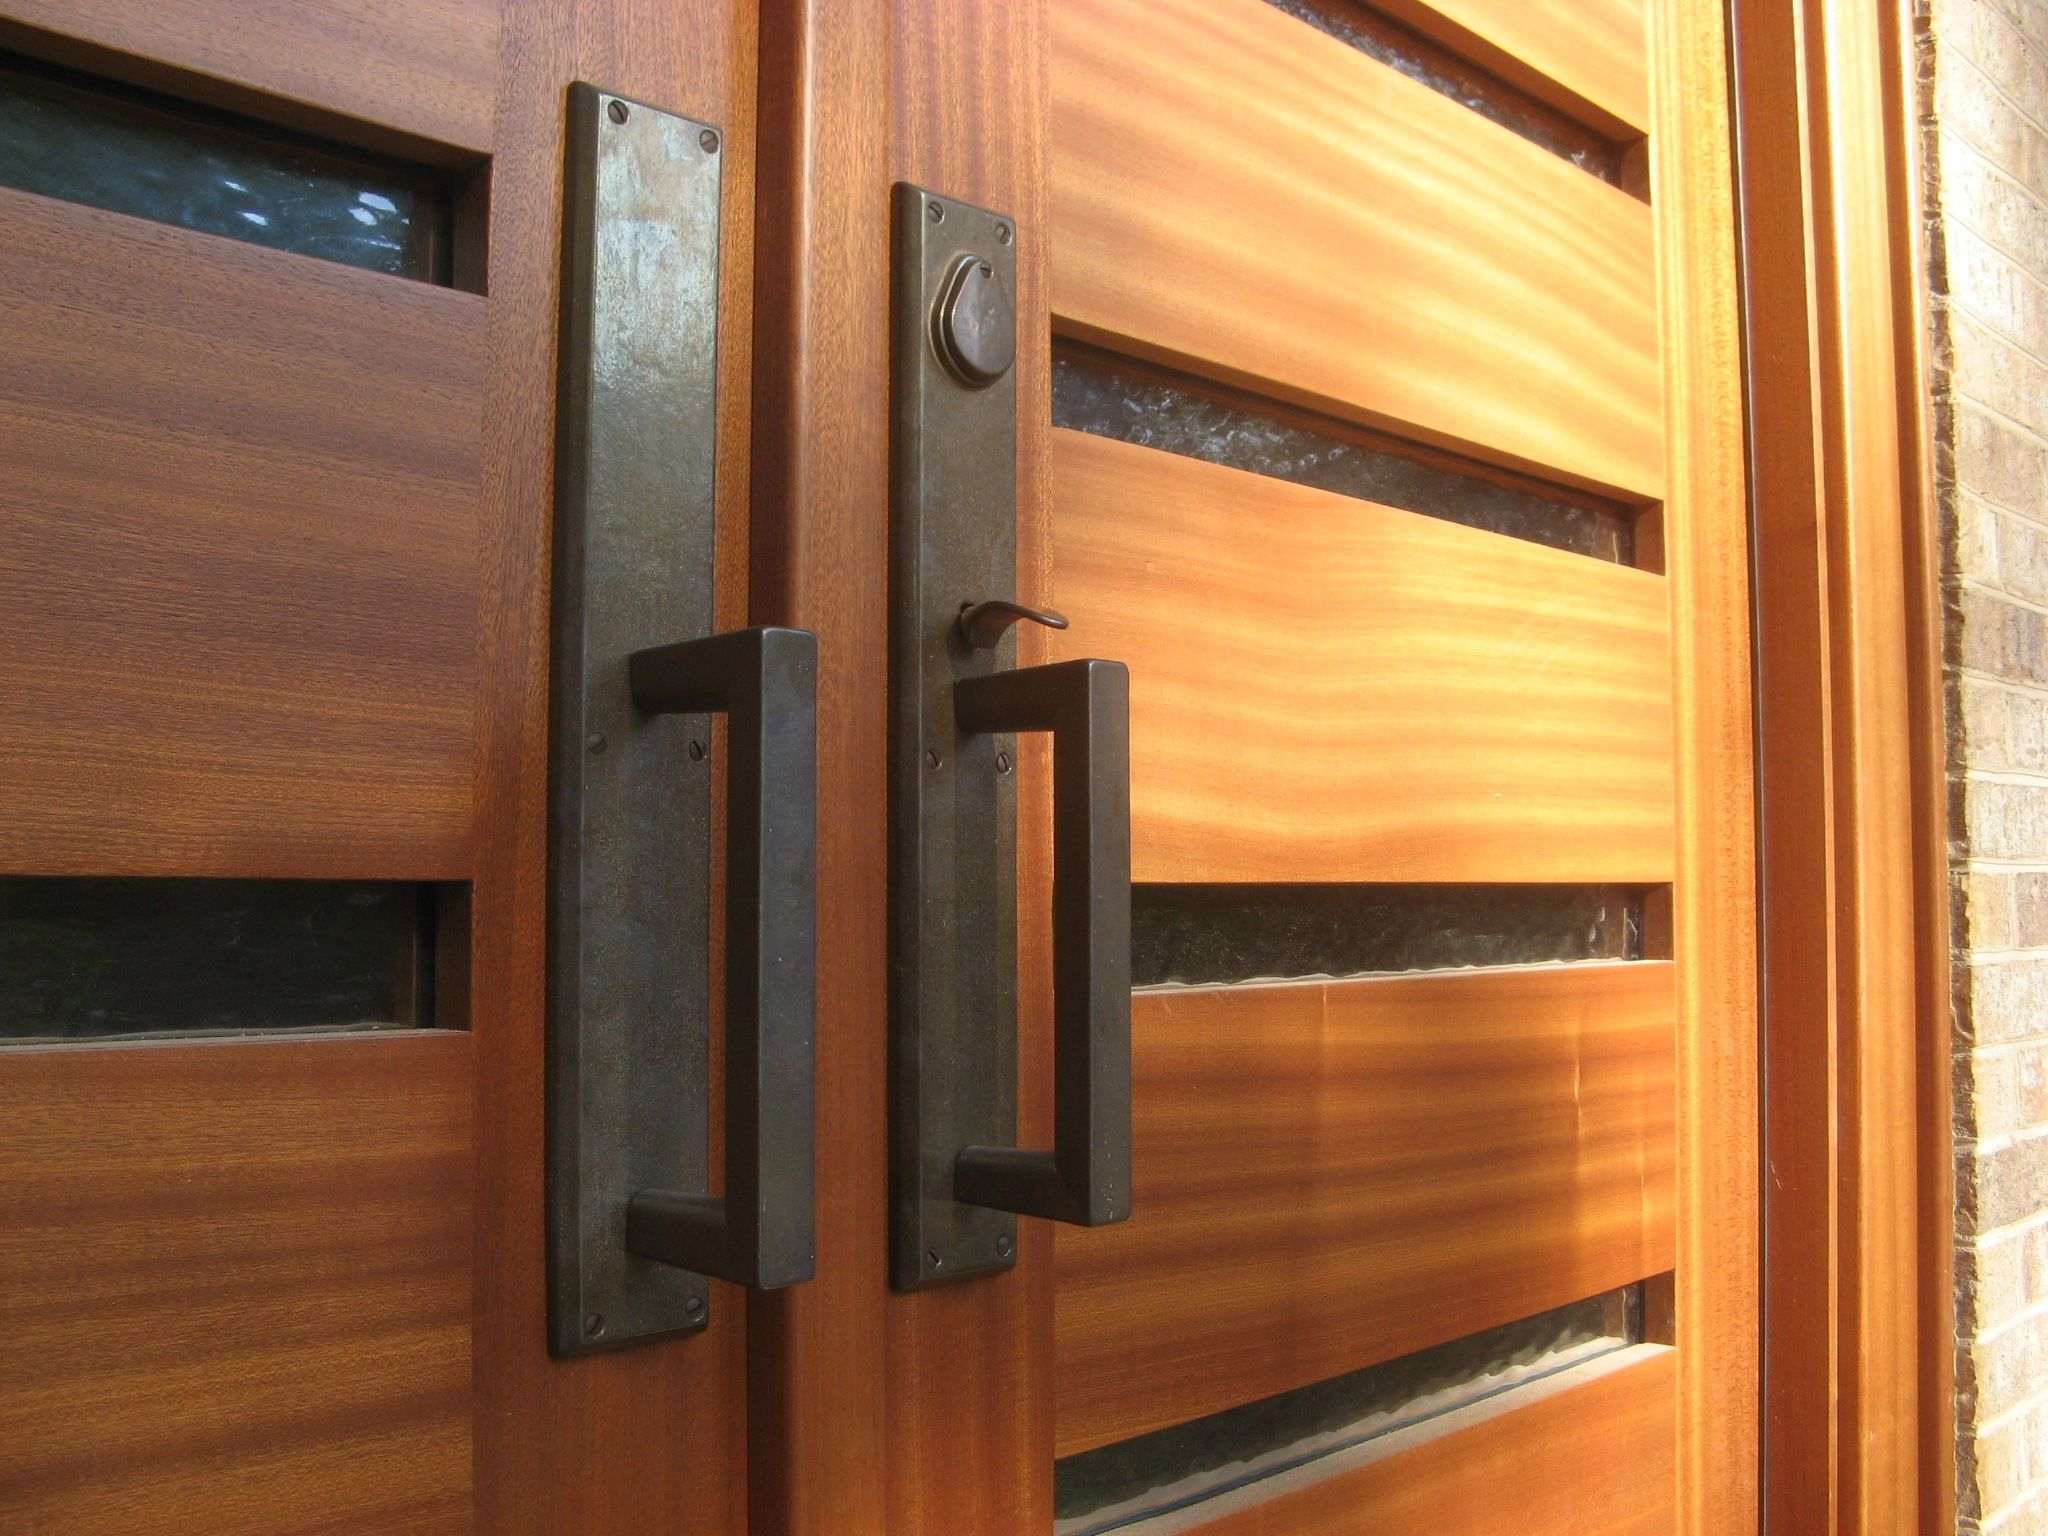 Exterior Double Door Hardware